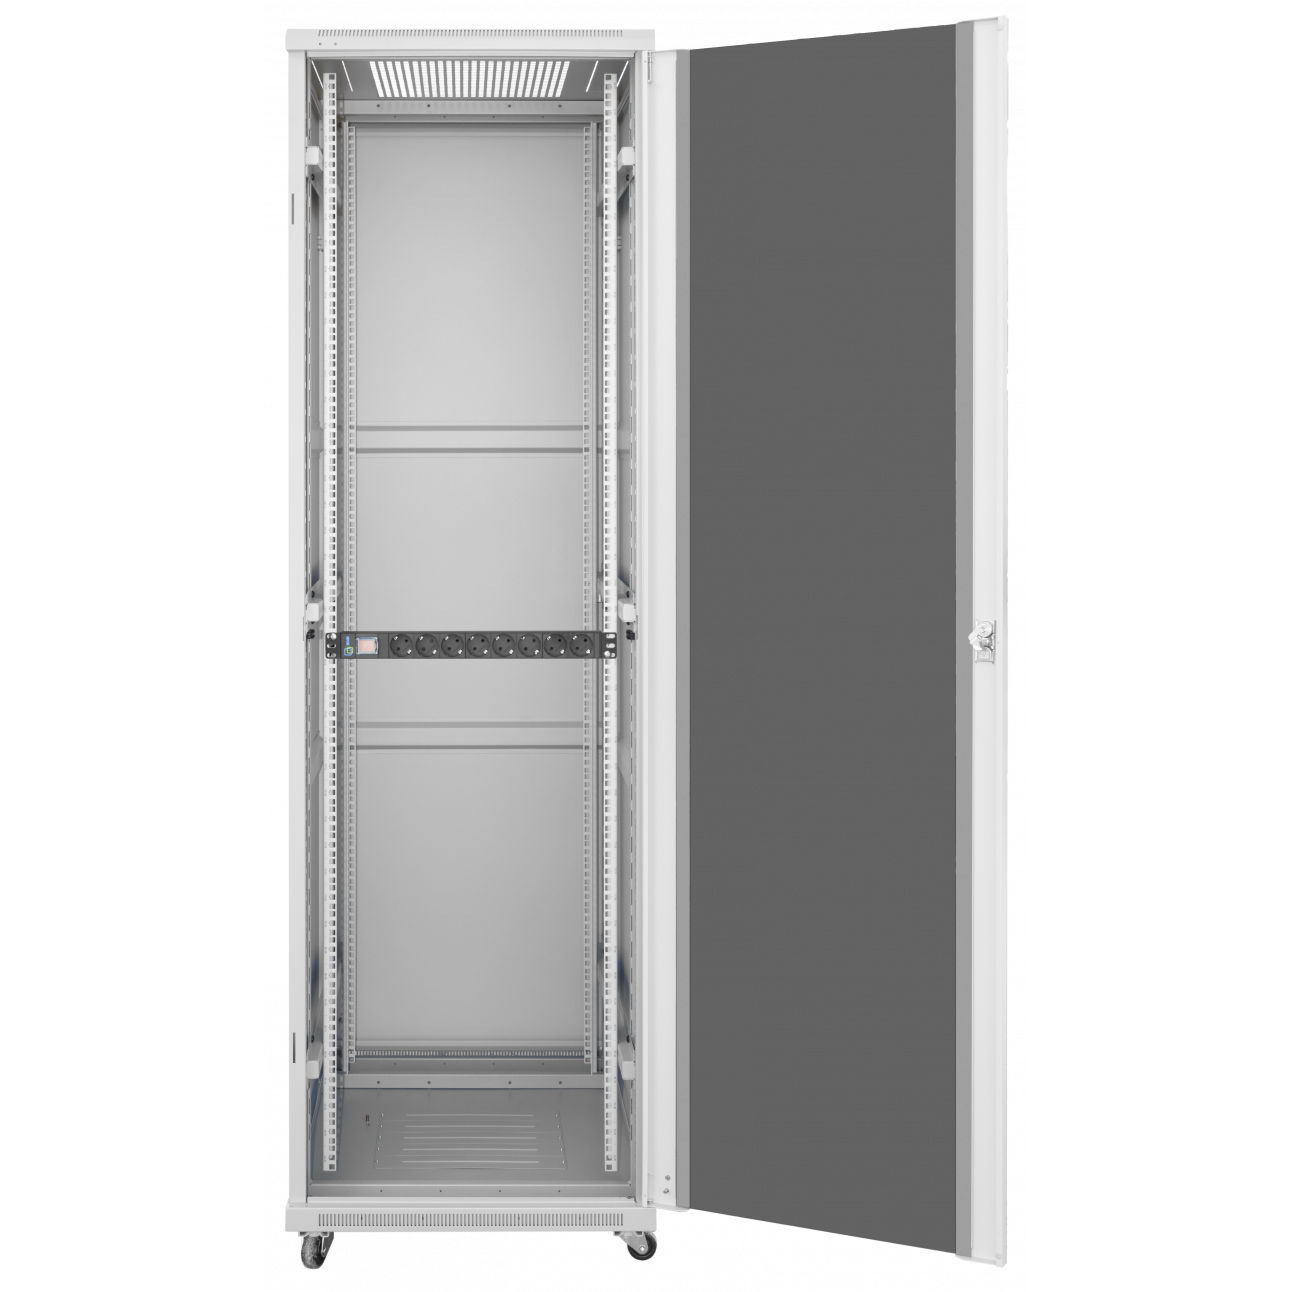 Шкаф телекоммуникационный напольный 22U 600x800мм, серия TFC (SNR-TFC-226080-GS-G)